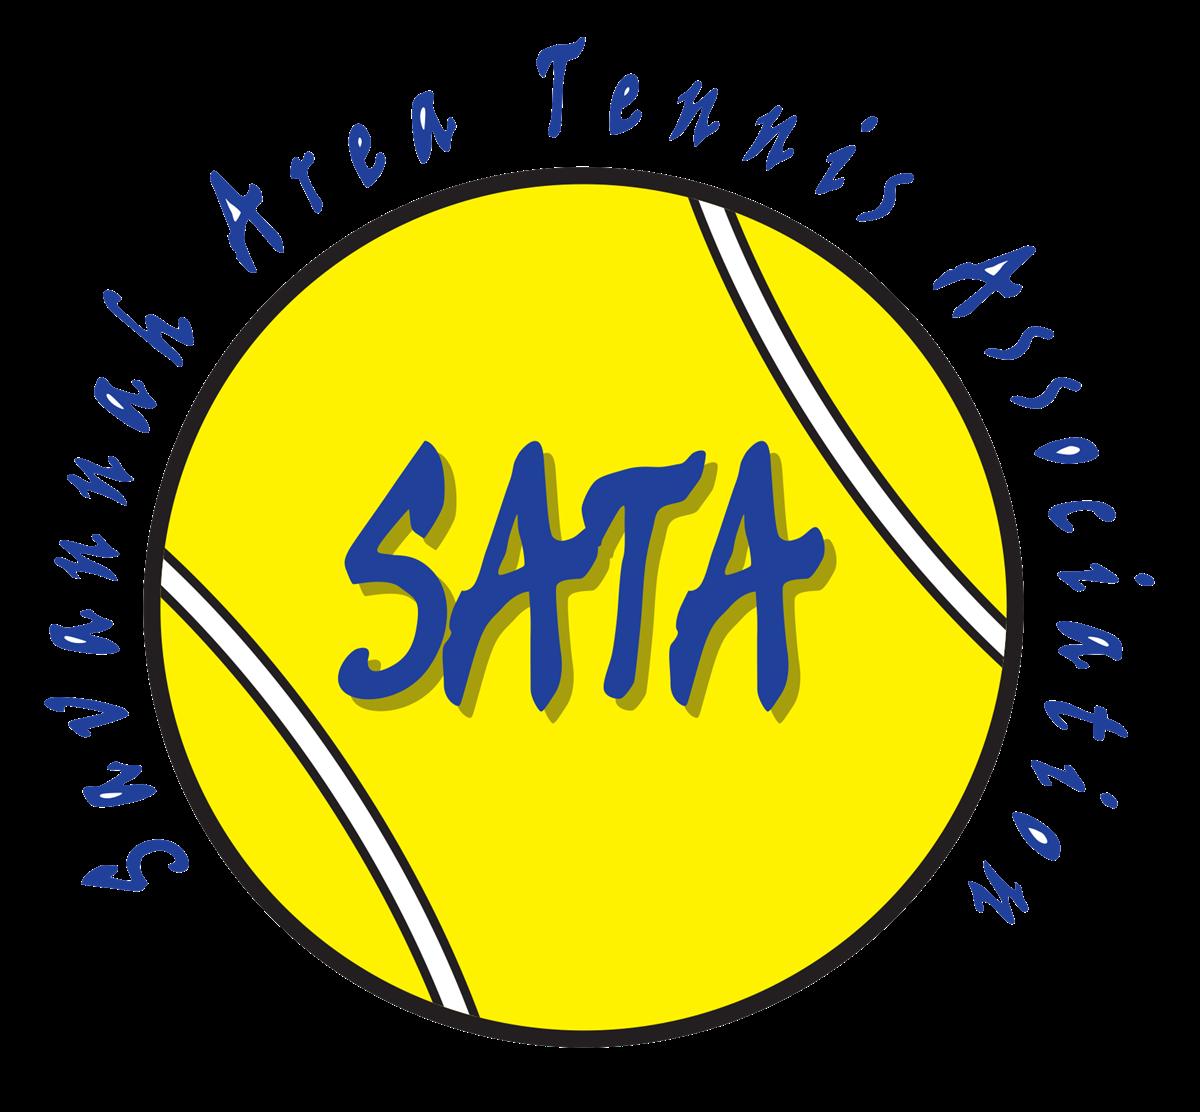 sata_logo_2013(PNG)